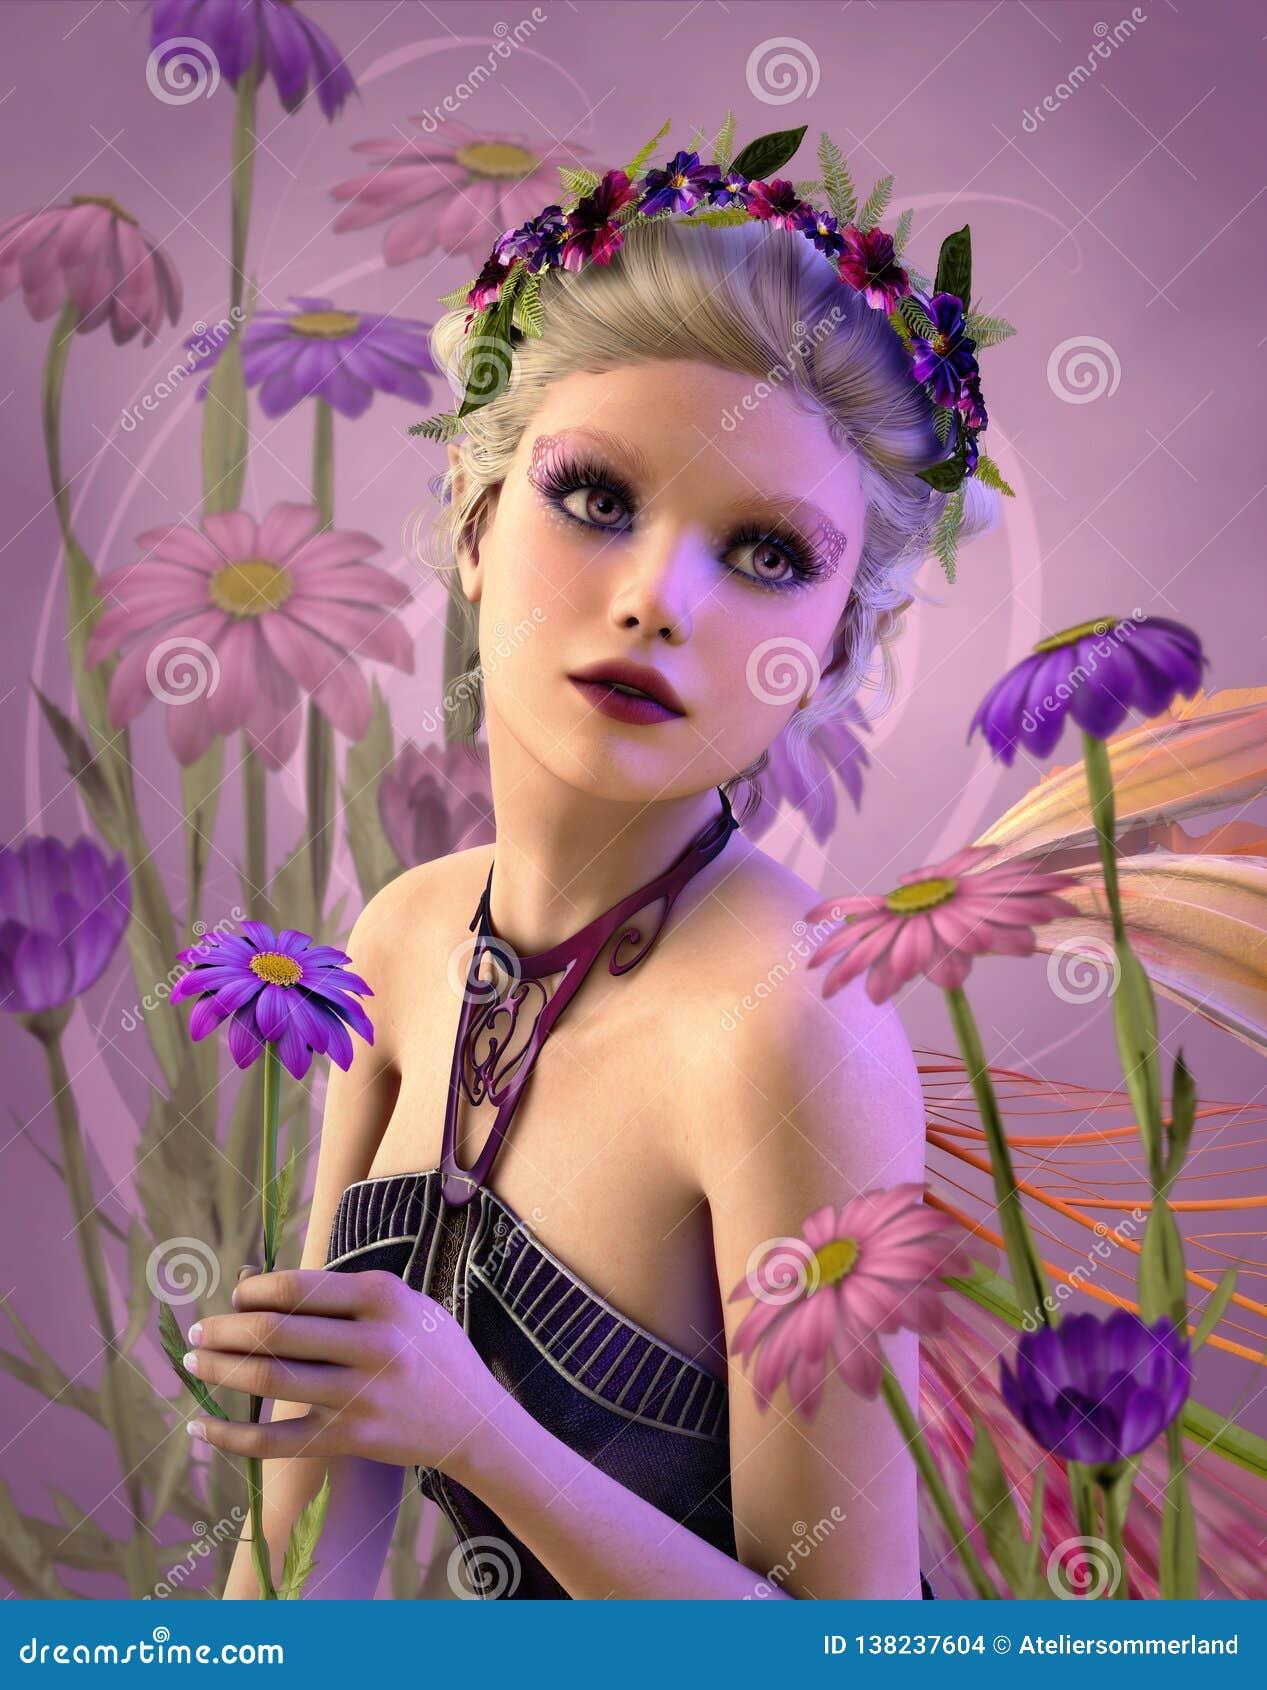 Daisy Fairy, 3d CG